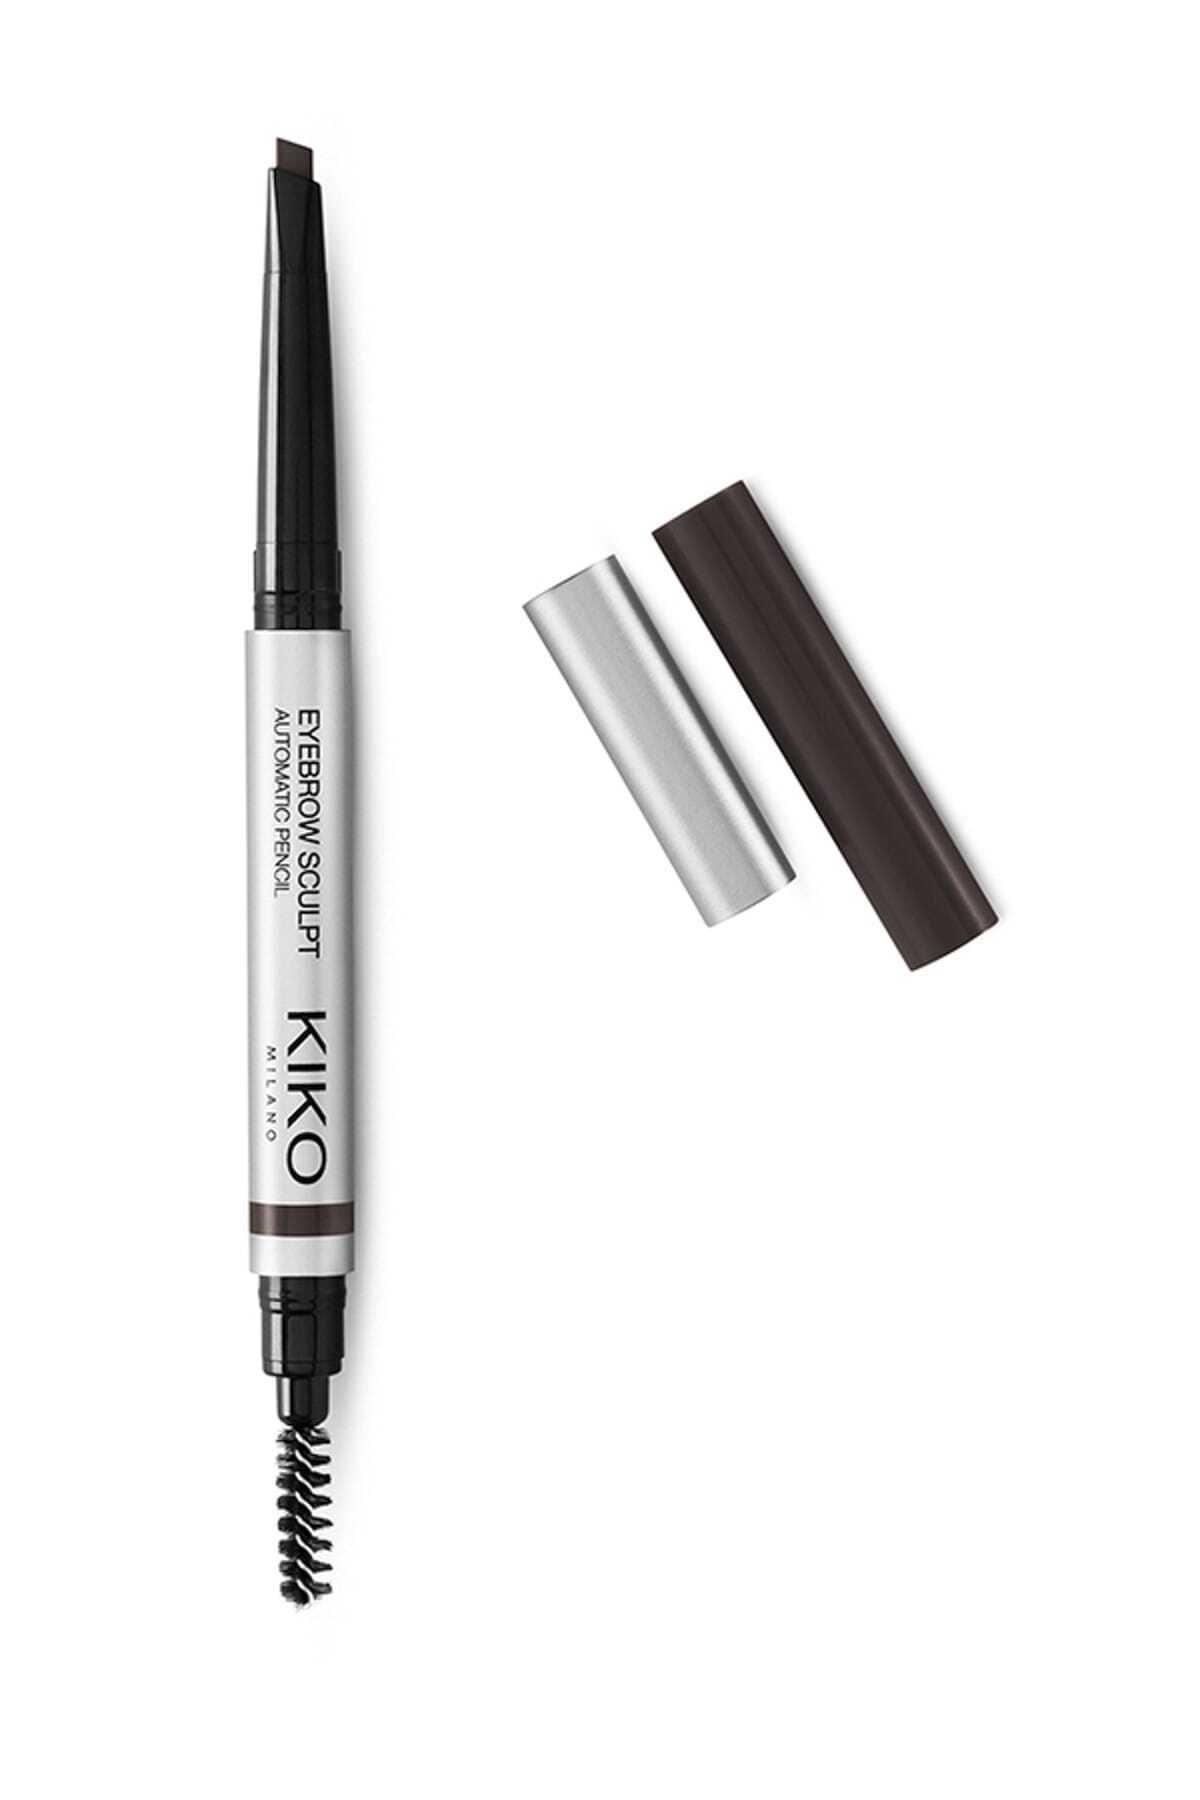 KIKO Kaş Kalemi Eyebrow Sculpt Automatic Pencil 06 Blackhaired 0.5 g 8025272613040 1